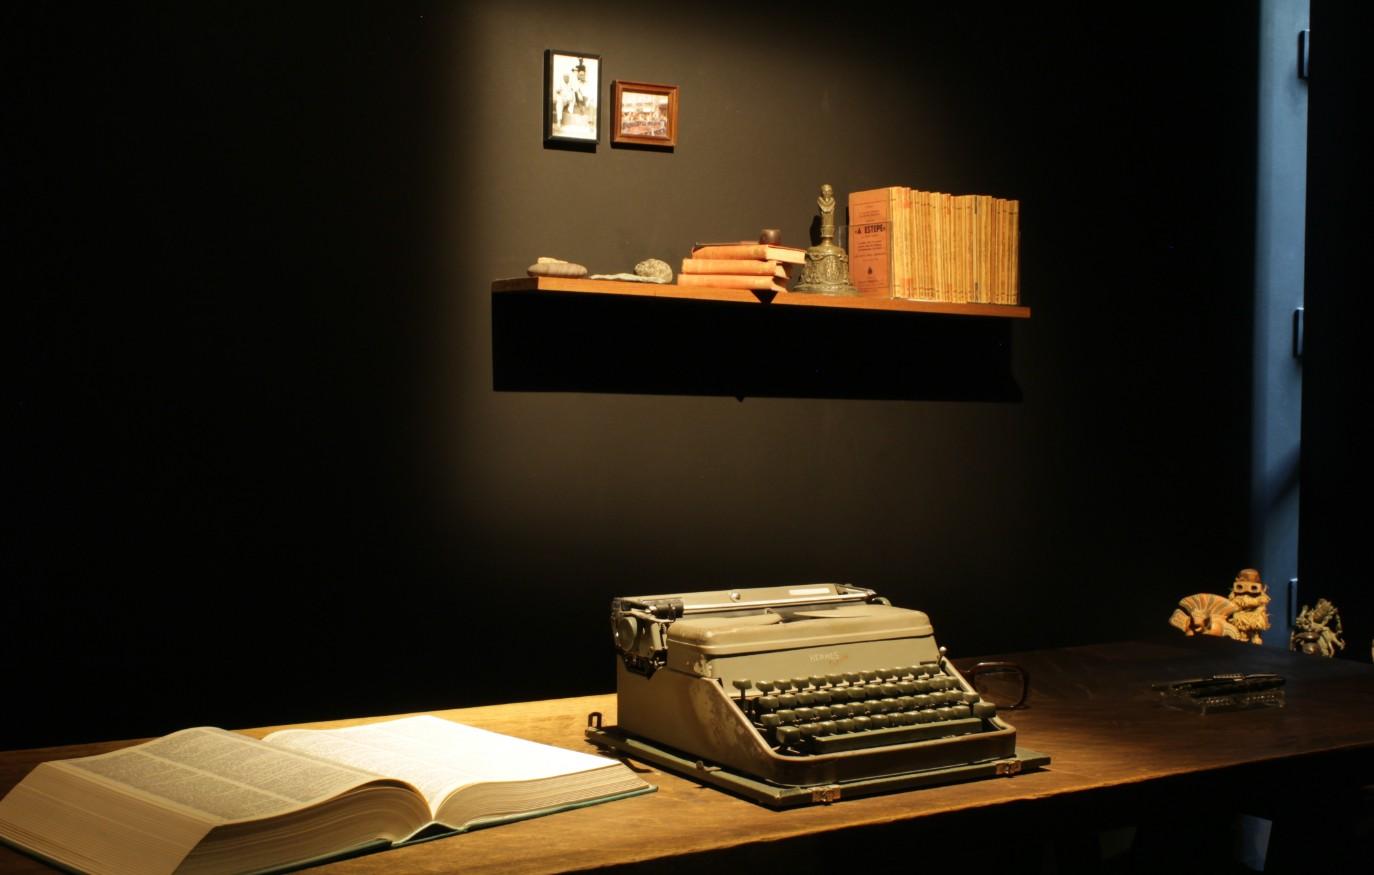 Réplica da secretária de José Saramago que integra a exposição